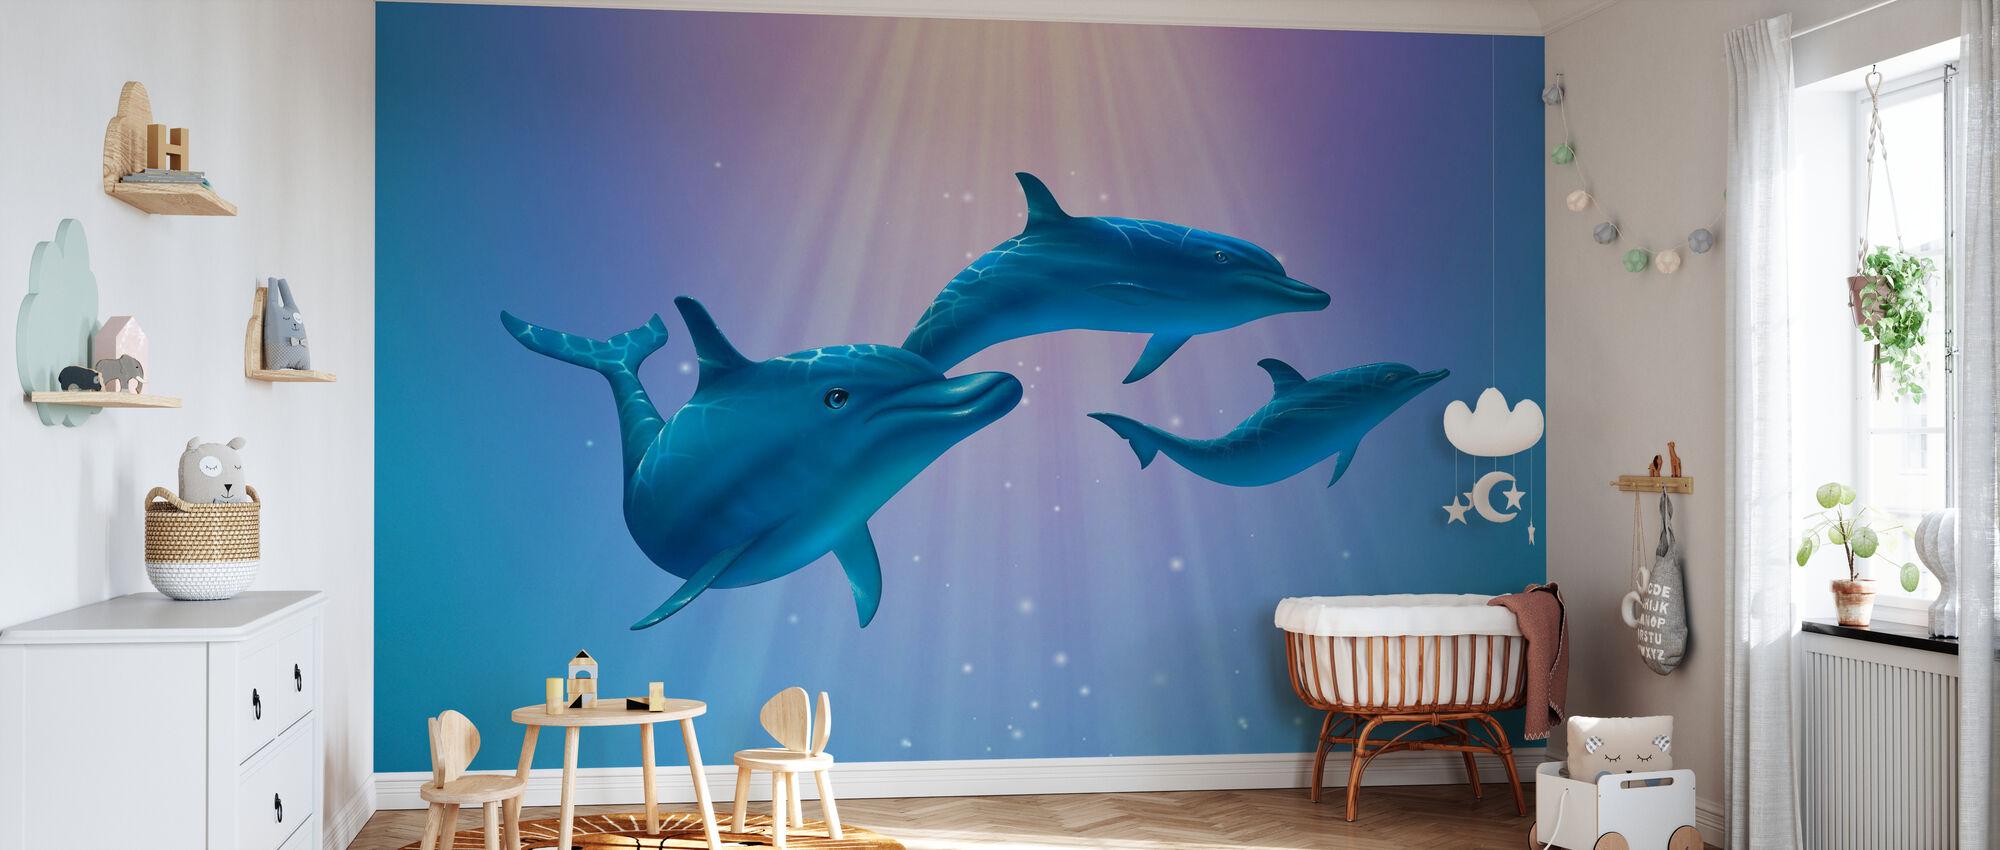 Dolphin Light - Wallpaper - Nursery